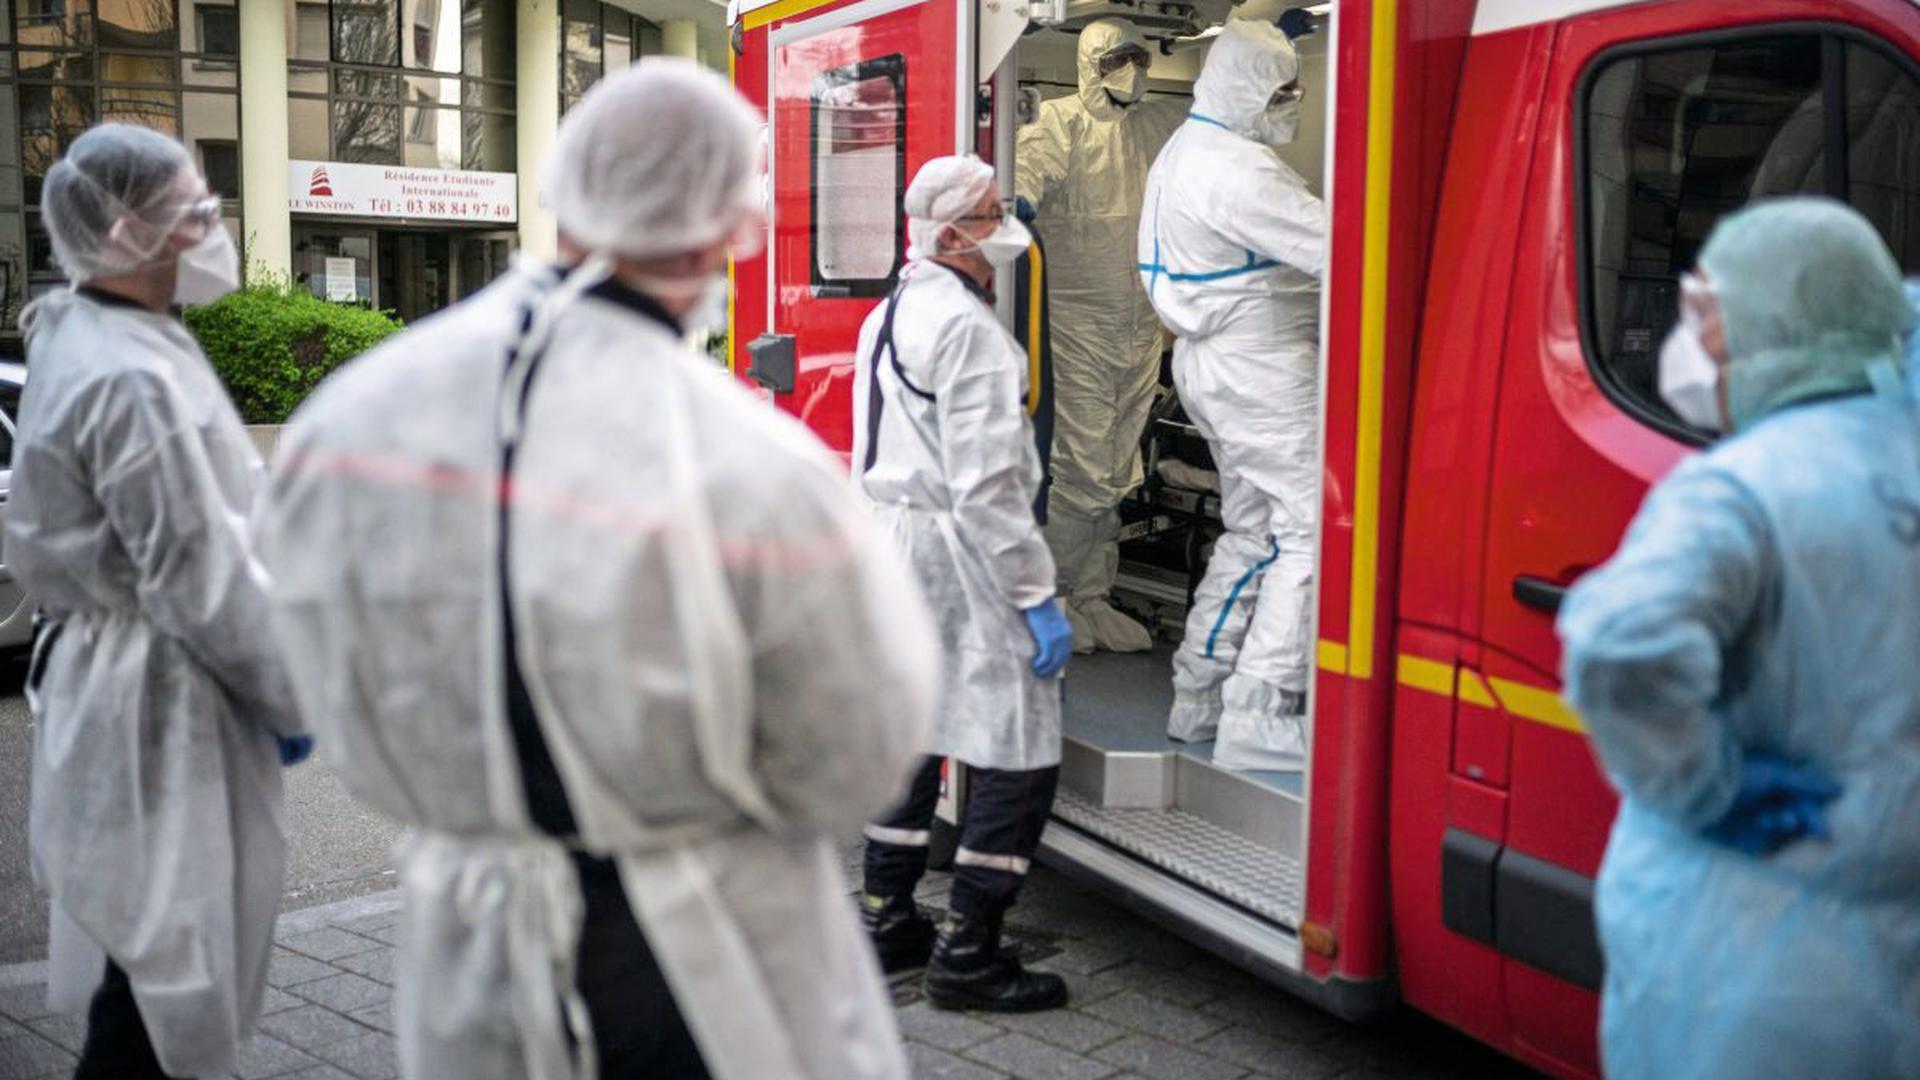 Das Universitätsklinikum Straßburg müsse seit Sonntag pro Stunde einen beatmungspflichtigen Patienten infolge einer Corona-Infektion aufnehmen. Auf der normalen Intensivstation seien alle Einzelzimmer belegt.